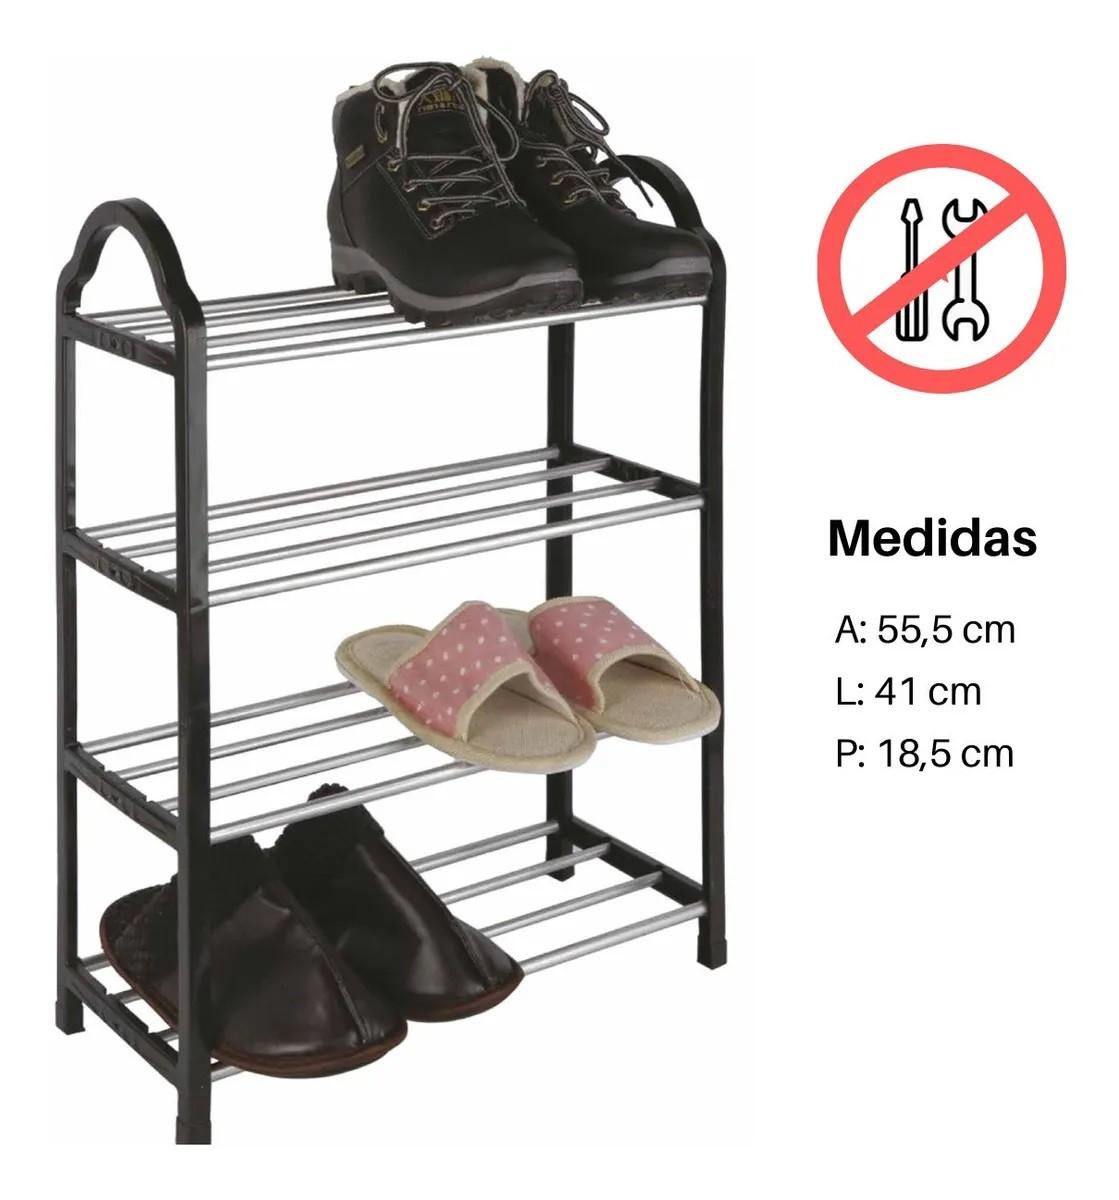 PRATELEIRA ORGANIZADOR MULTIUSO SAPATEIRA PLAST 8 PARES CA08045